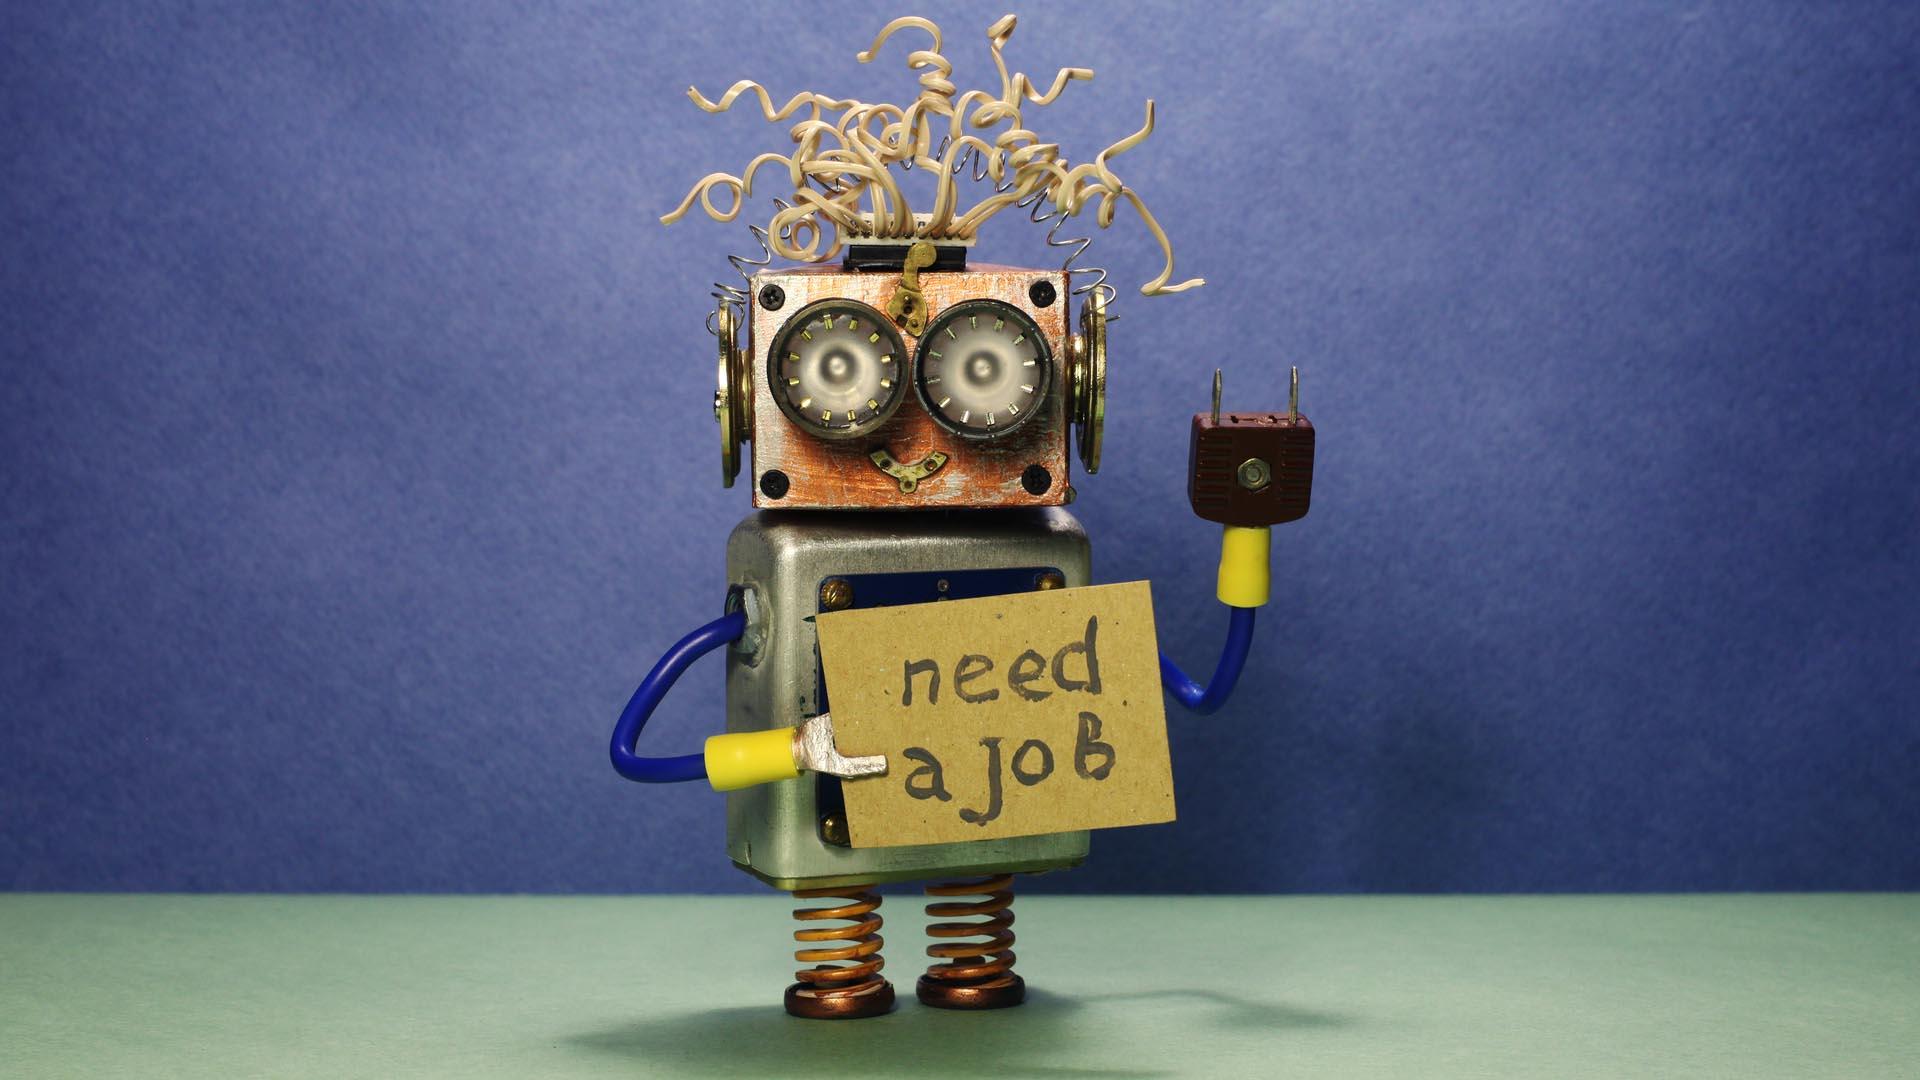 Disoccupazione tecnologica: colmare il divario di competenze con un approccio collaborativo